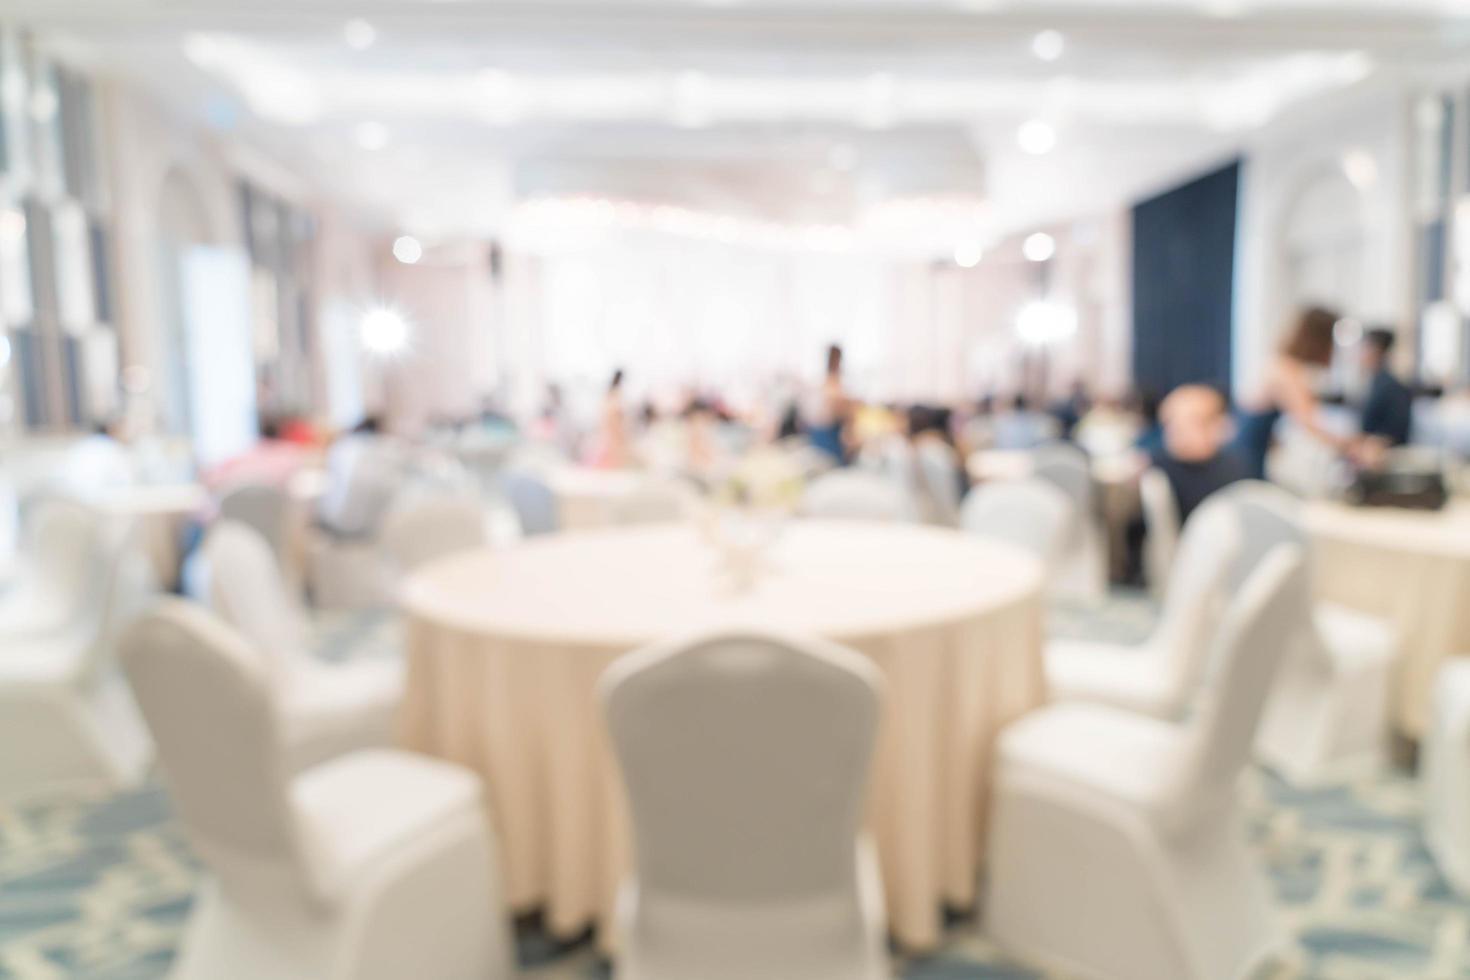 abstrakt suddighet i lyxrestaurang för bakgrund foto